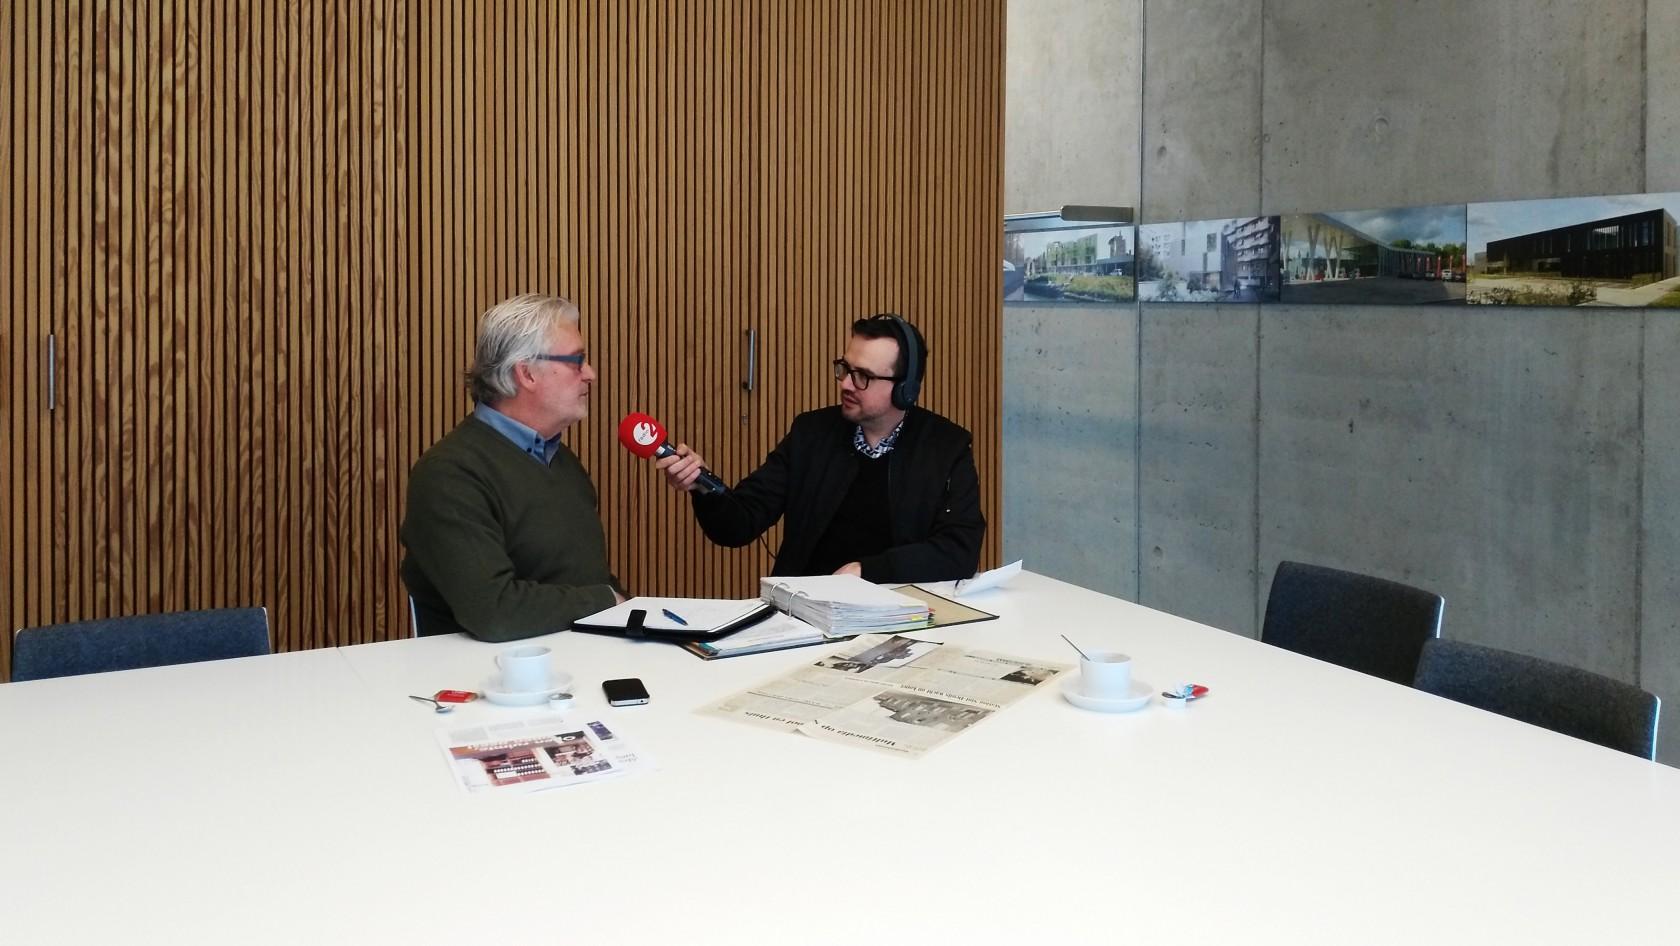 Abscis Architecten - UITBREIDING EN RENOVATIE STATIONSGEBOUW SINT-DENIJS-WESTREM